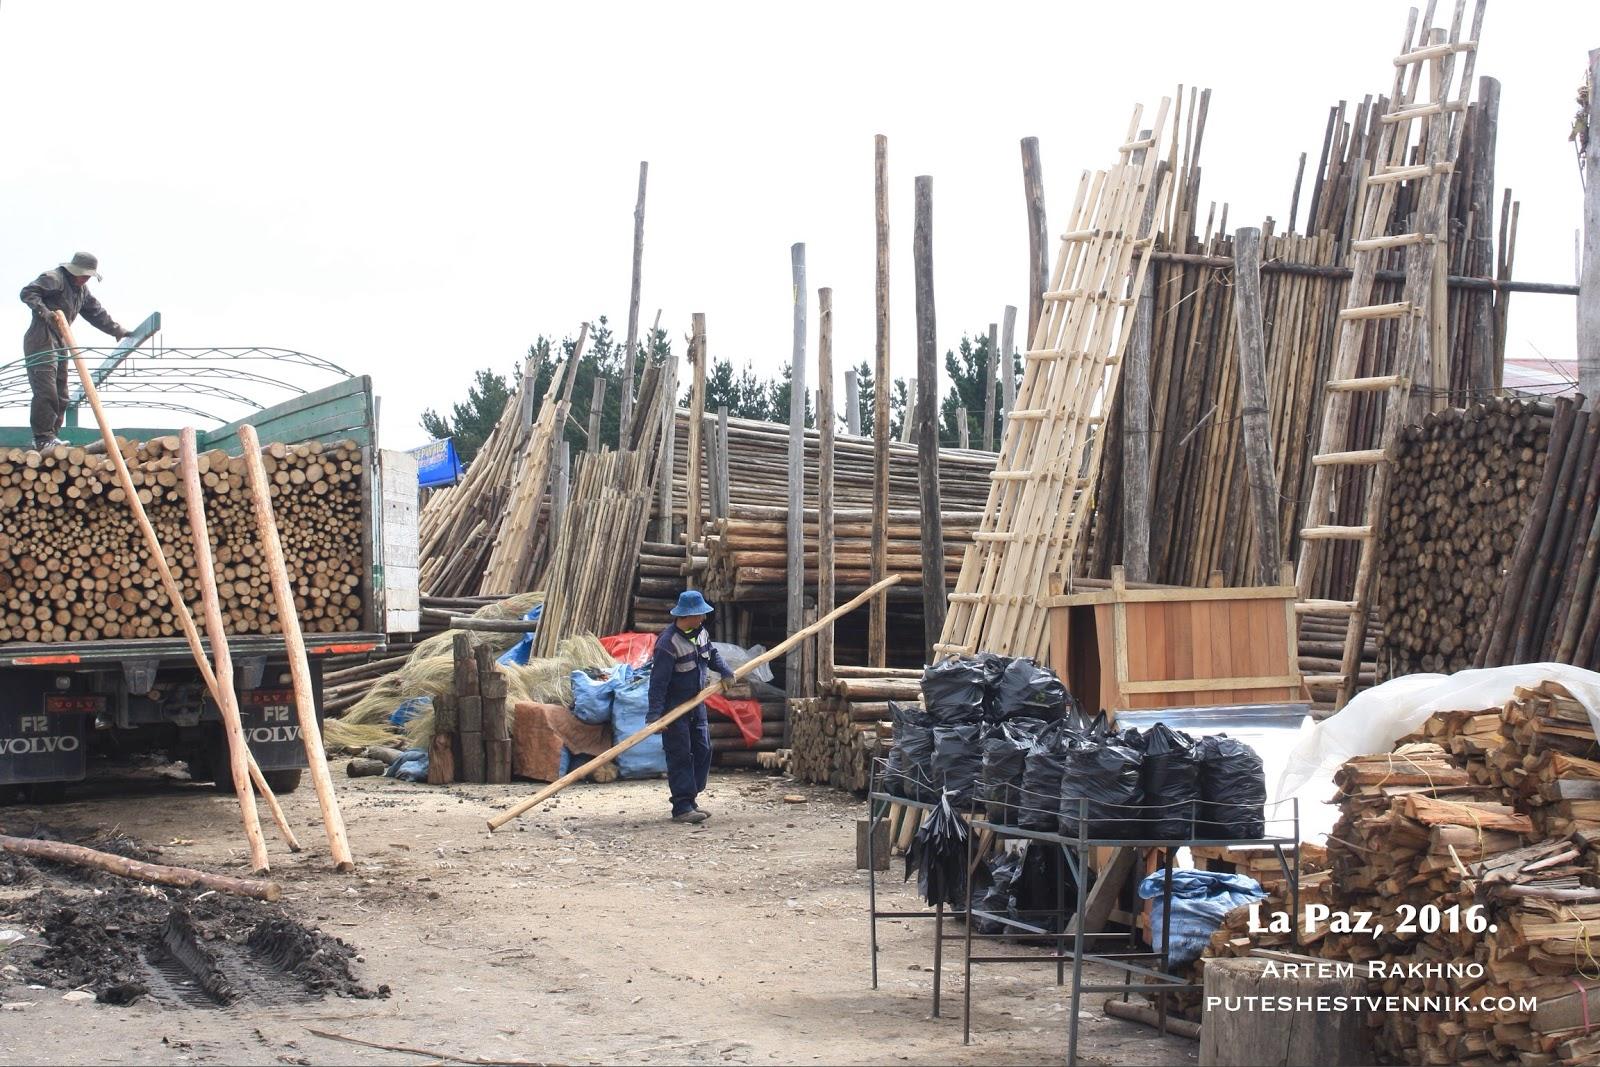 Продажа древесины в Ла-Пасе